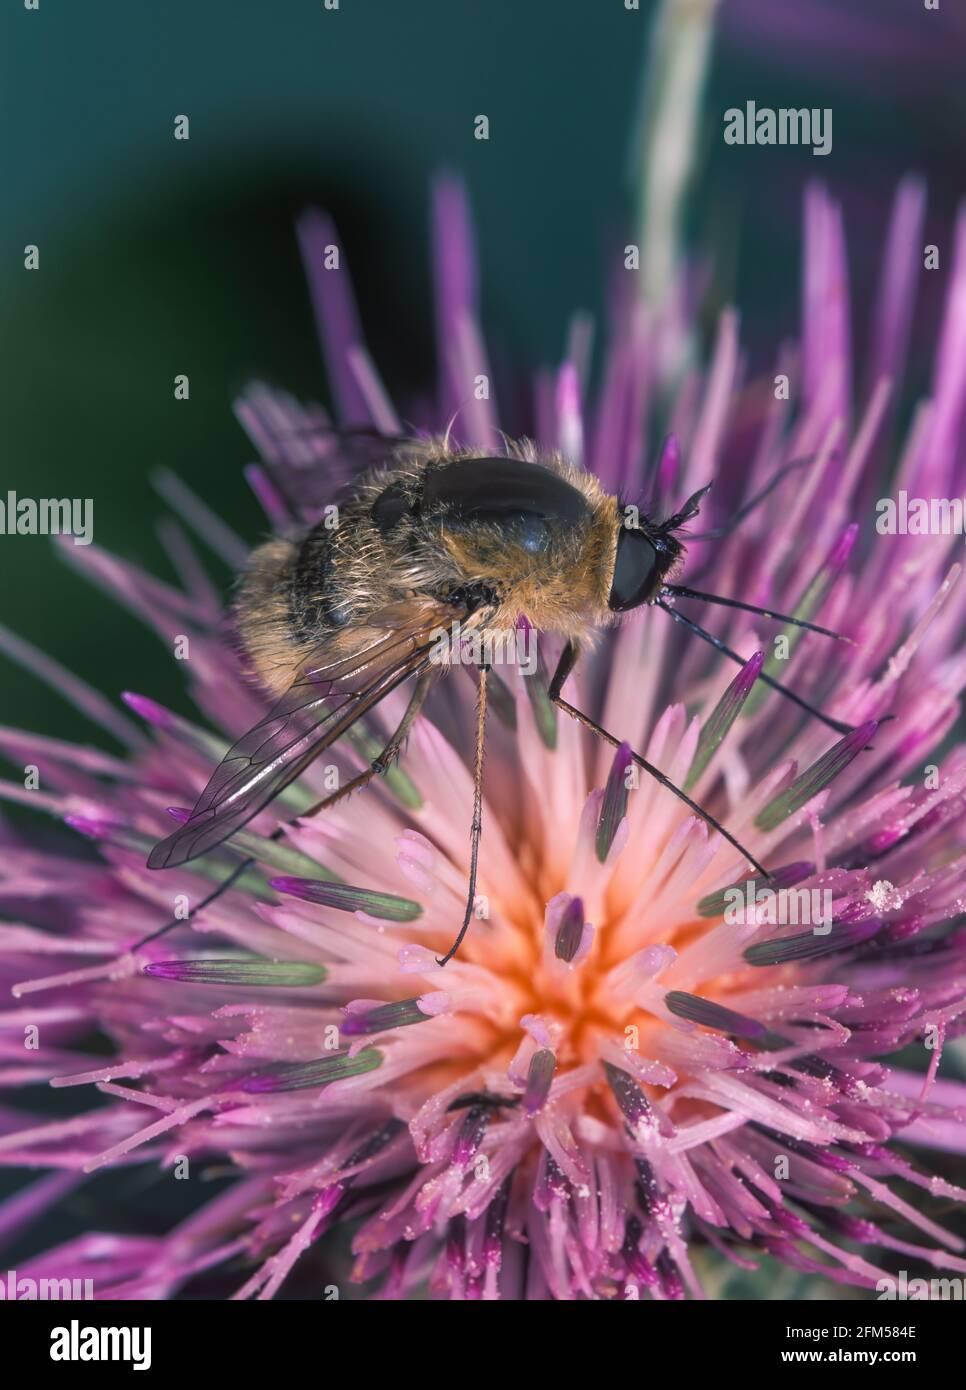 Grande mouche d'abeille, Bombylius Major. Est une mouche d'abeille parasite. La mouche tire son nom de sa ressemblance étroite avec les bourdons et sont souvent Banque D'Images